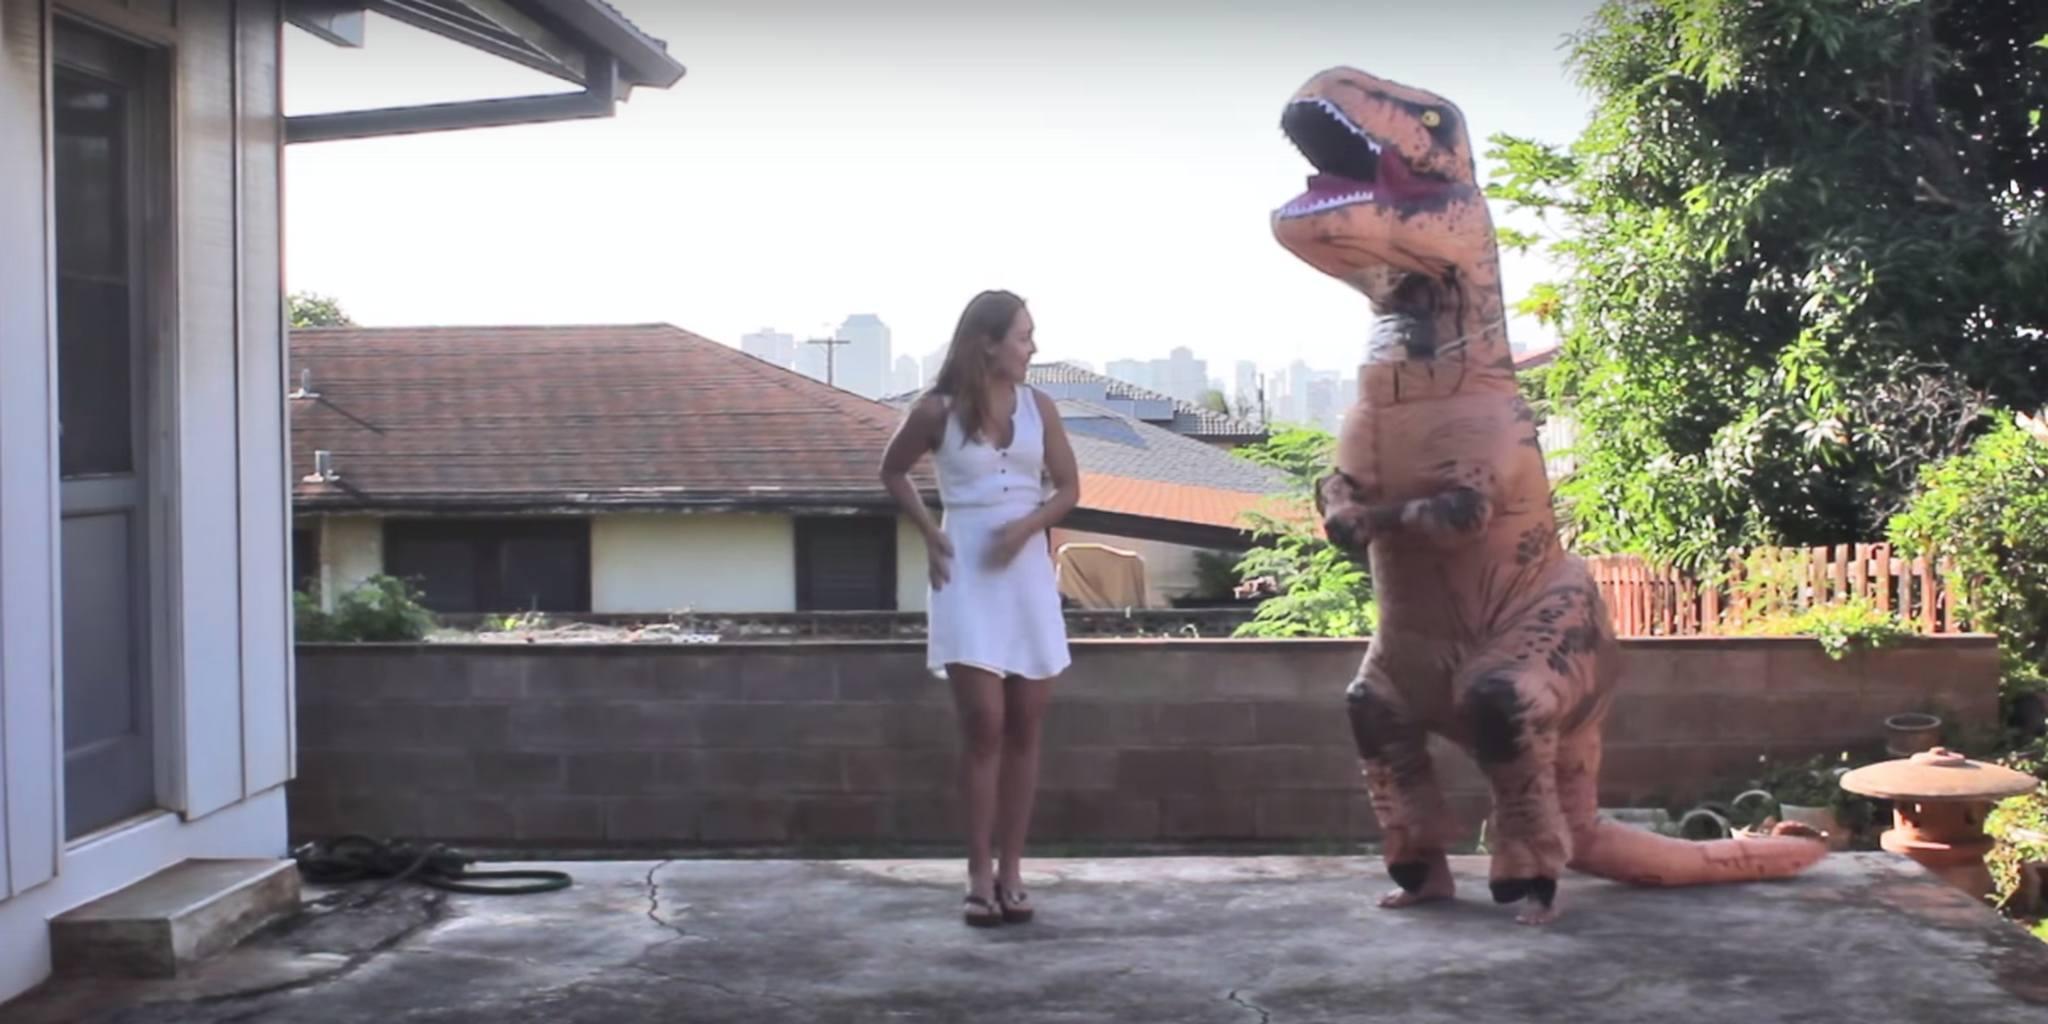 t-rex macarena